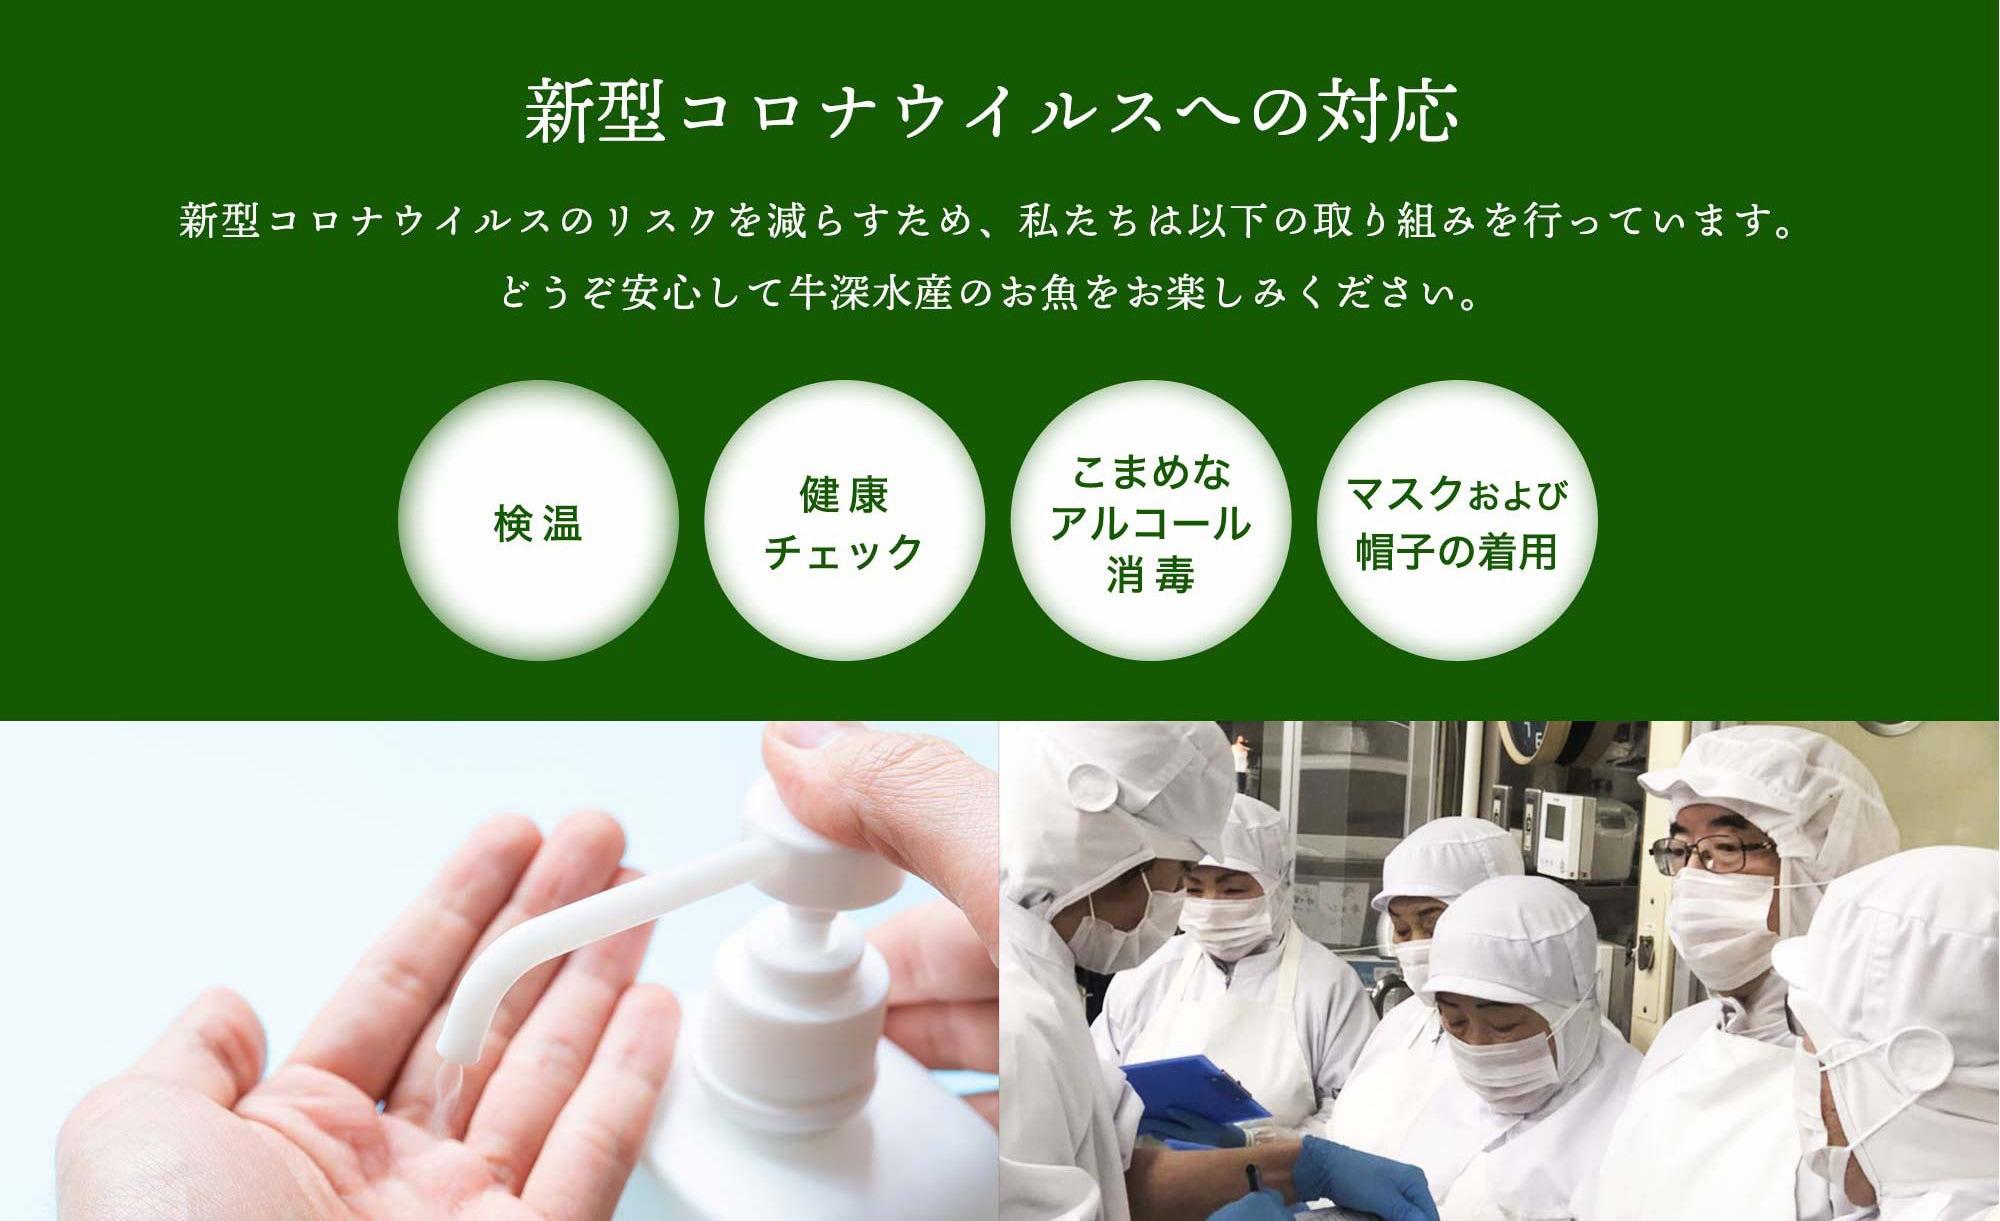 新型コロナウイルスへの対応新型コロナウイルスのリスクを減らすため、私たちは以下の取り組みを行っています。どうぞ安心して牛深水産のお魚をお楽しみください。検温・健康チェック・こまめなアルコール消毒・マスクおよび帽子の着用